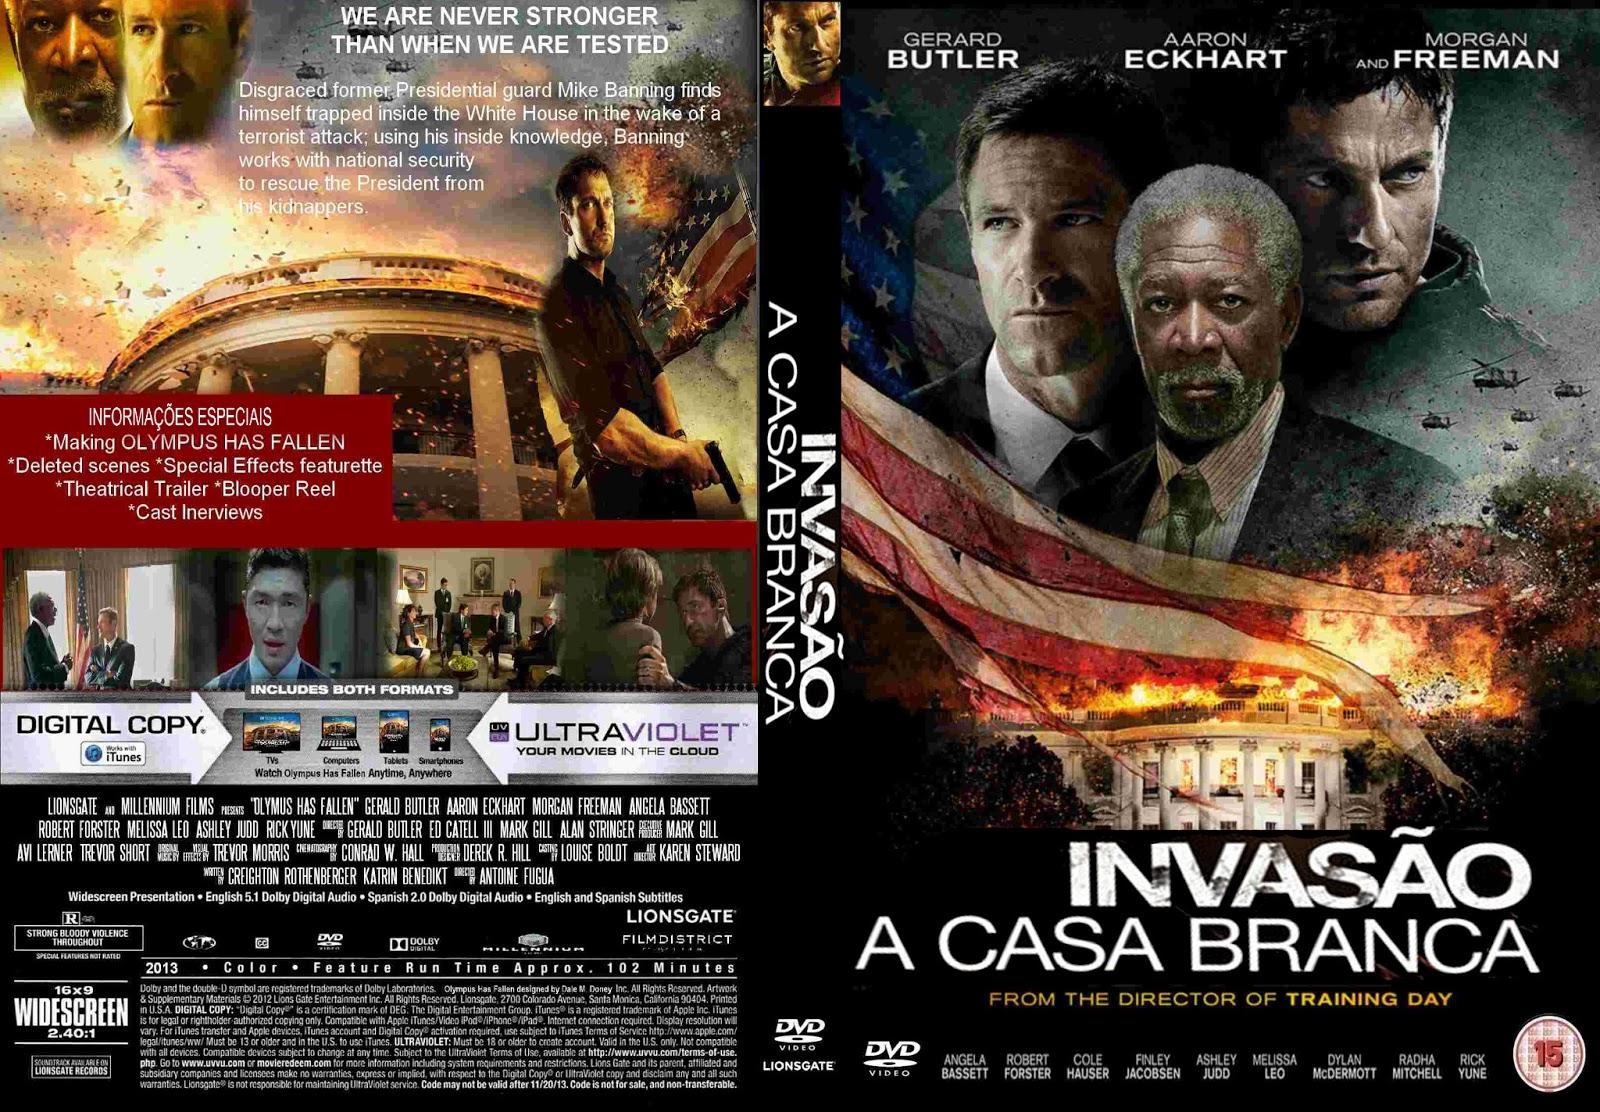 http://3.bp.blogspot.com/-FU11R7DTMTg/UUei2rSvXoI/AAAAAAAAD3M/4dnQdyYknu0/s1600/Invas%C3%A3o+%C3%A0+Casa+Branca+02.jpg